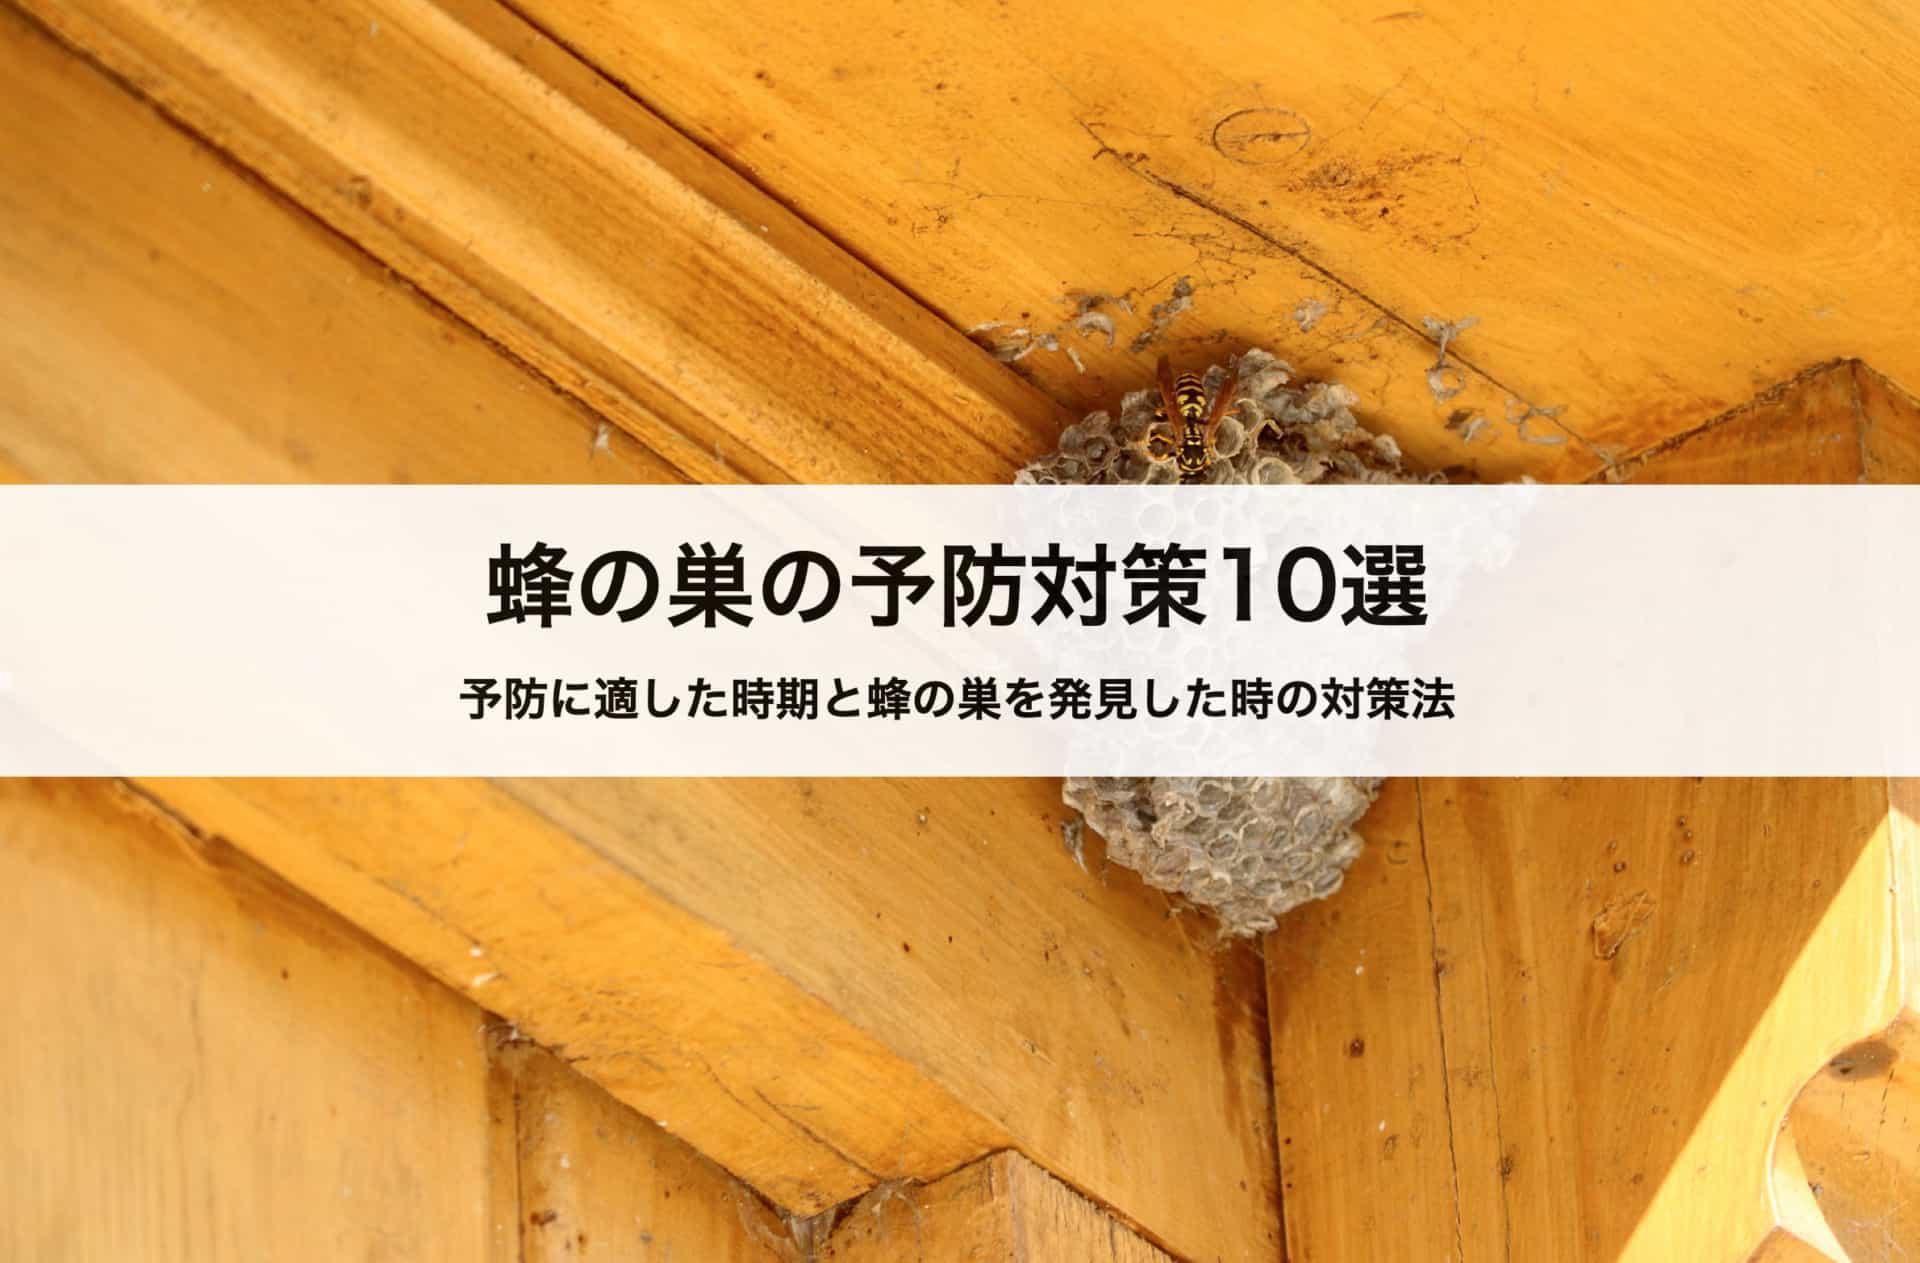 蜂の巣の予防対策10選|予防に適した時期と蜂の巣を発見した時の対策法も紹介します!